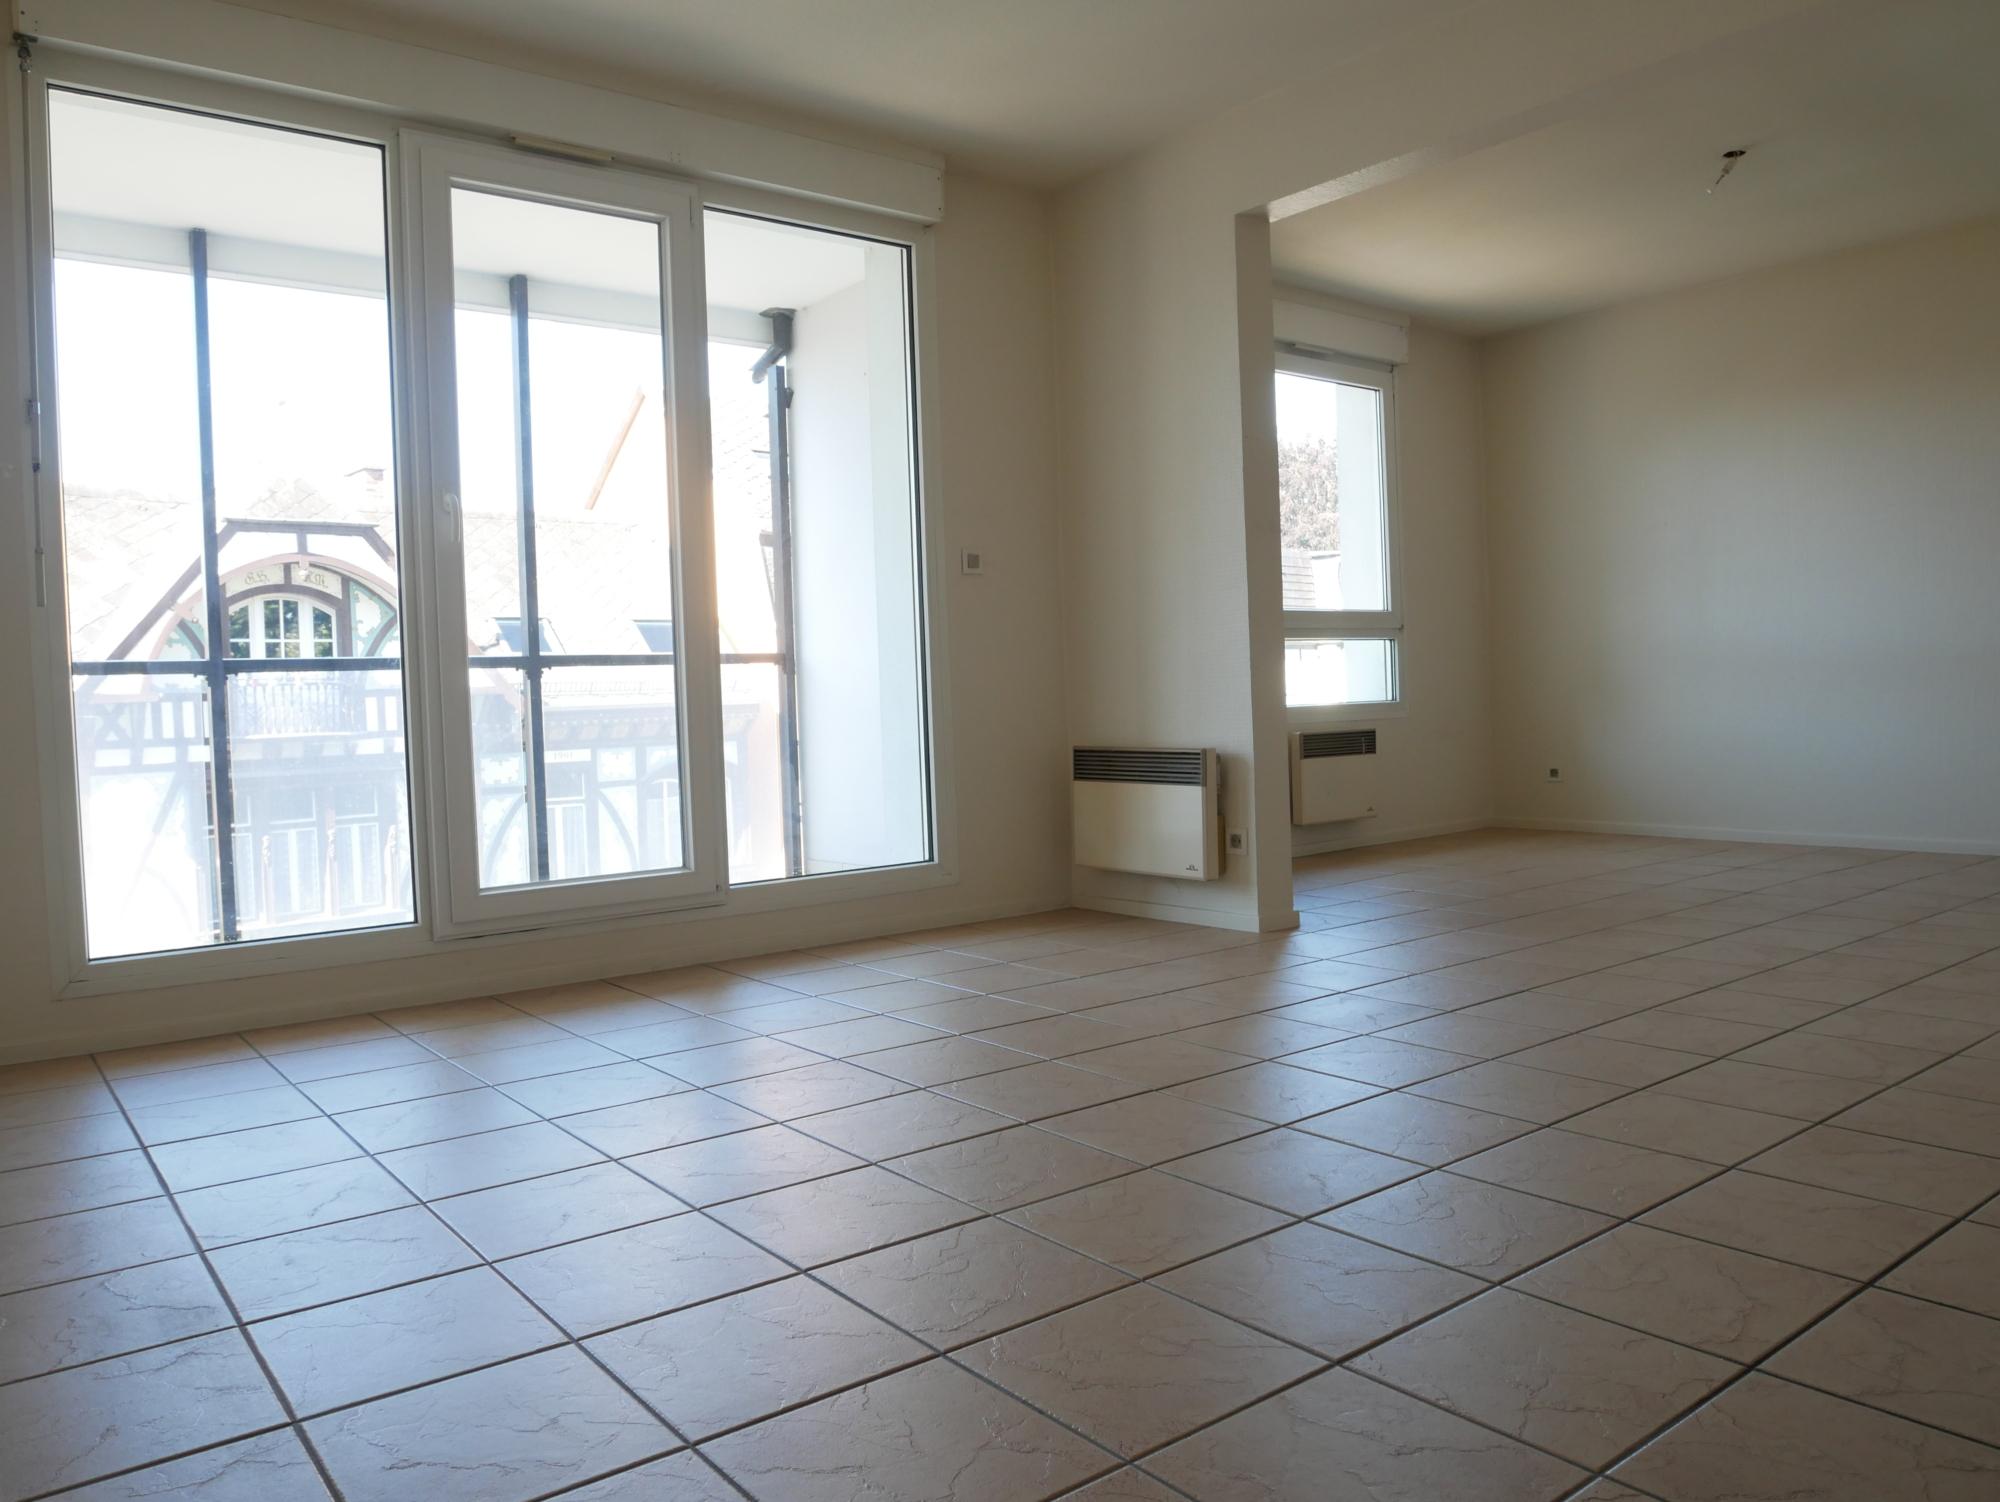 [Urbain] Grand 3 pièces - Neudorf / rue Saint-Urbain - nos locations - Beausite Immobilier 1